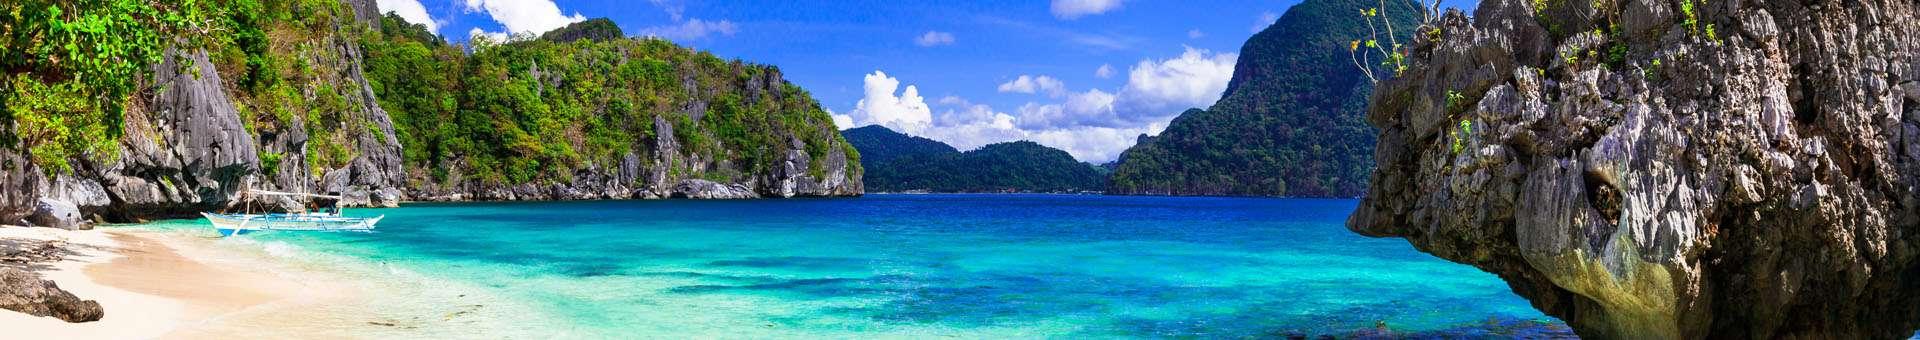 Rechercher des informations WHOIS sur les noms de domaine aux Philippines